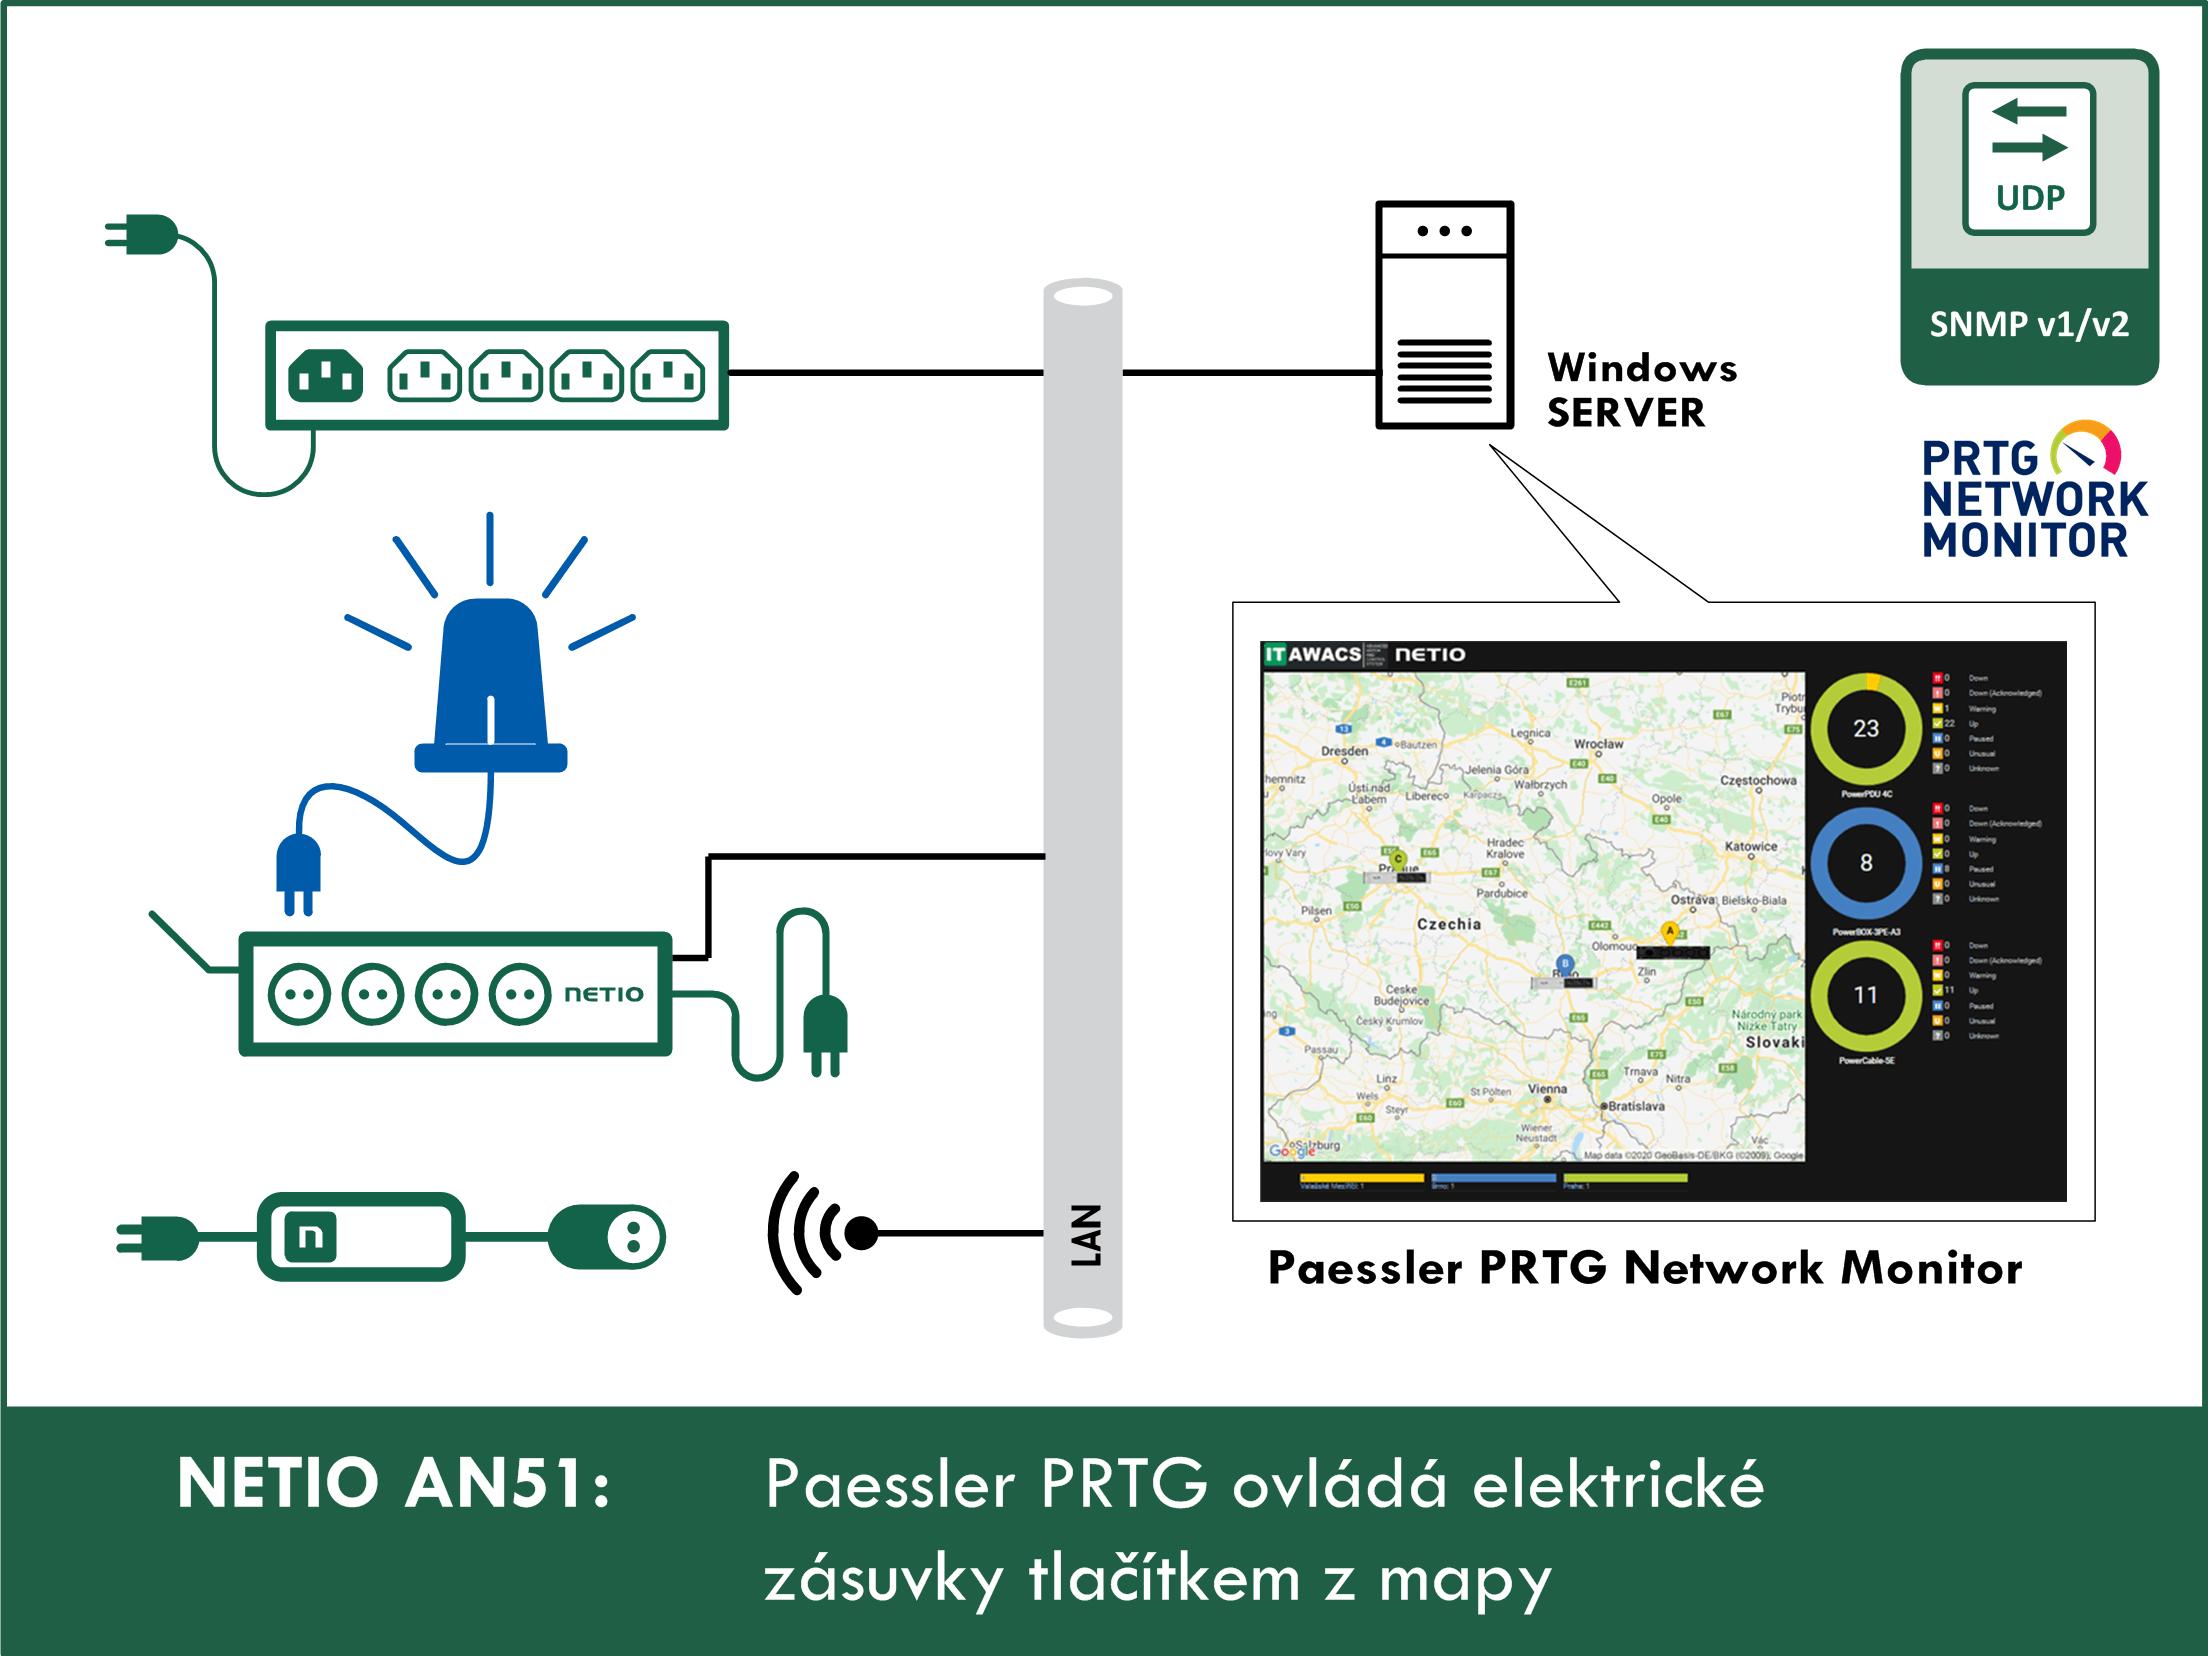 Paessler PRTG ovládá elektrické zásuvky tlačítkem z mapy